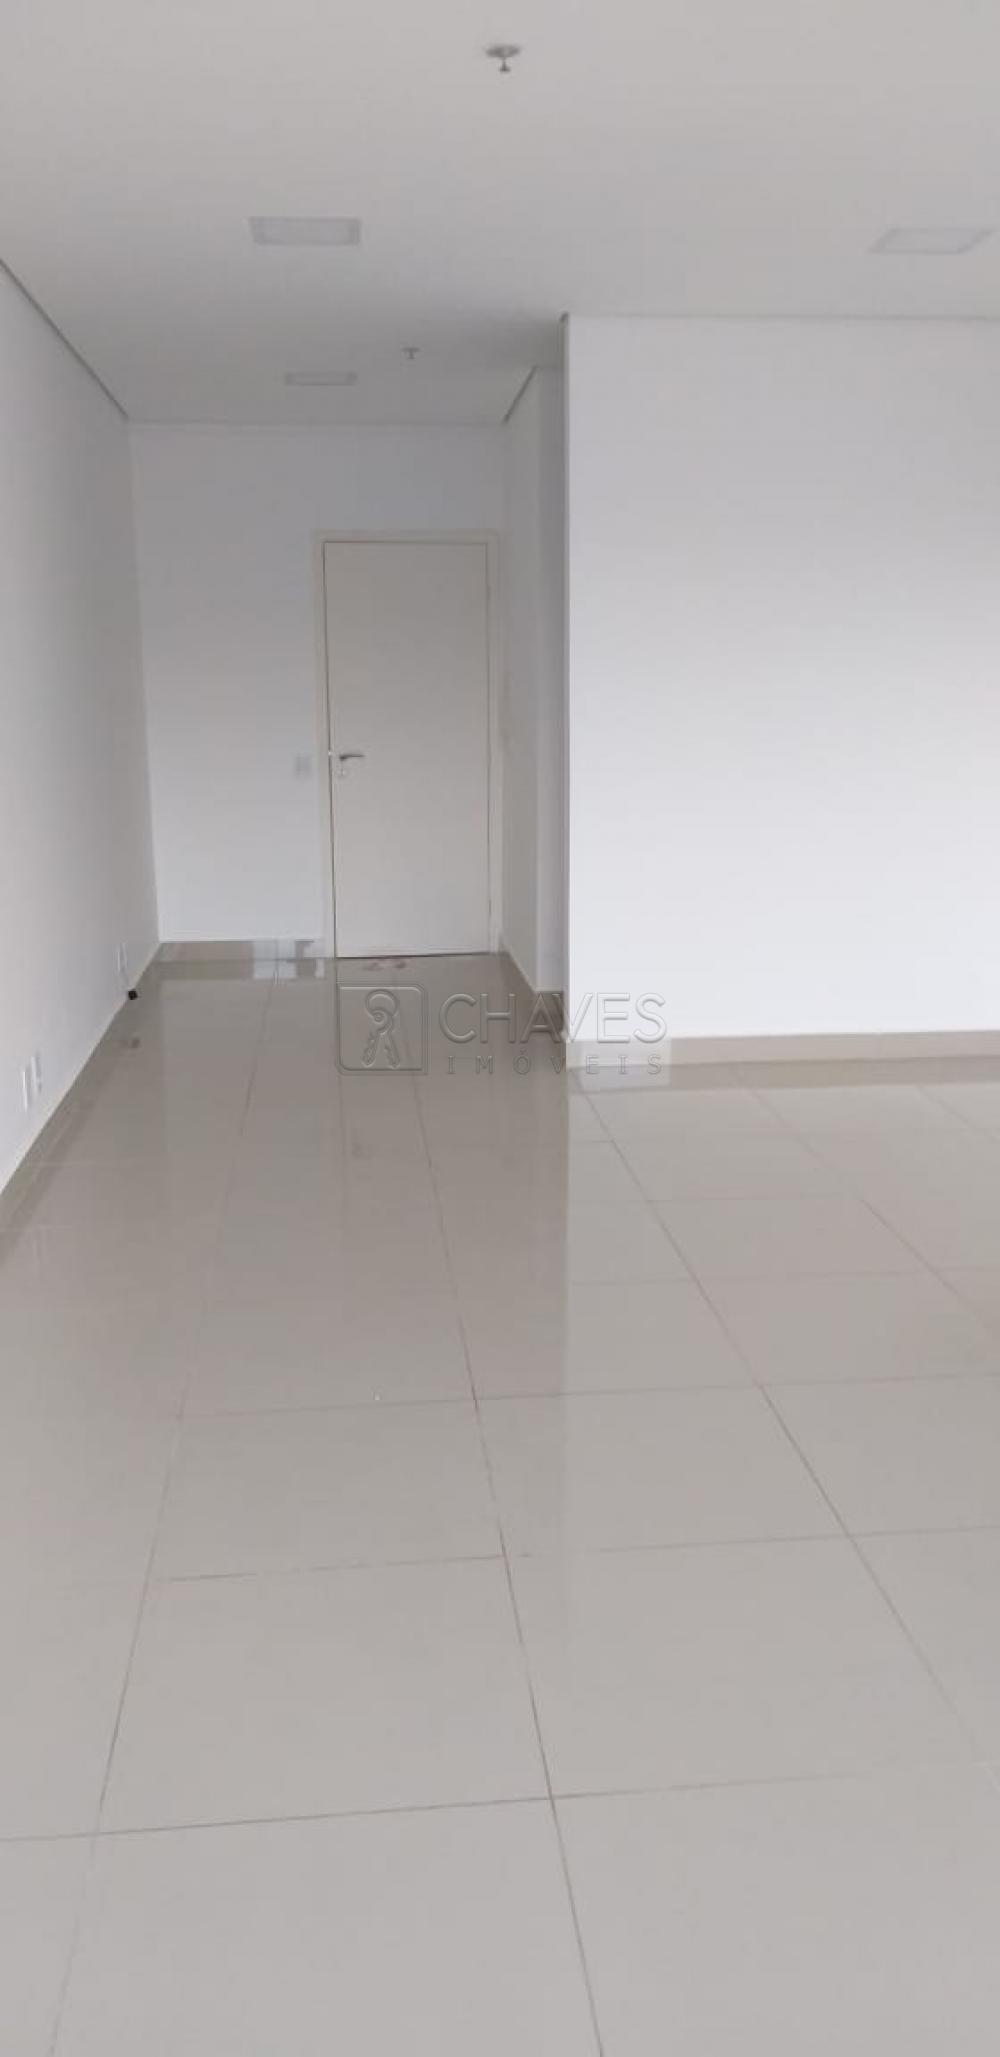 Alugar Comercial / Sala em Condomínio em Ribeirão Preto apenas R$ 1.200,00 - Foto 1